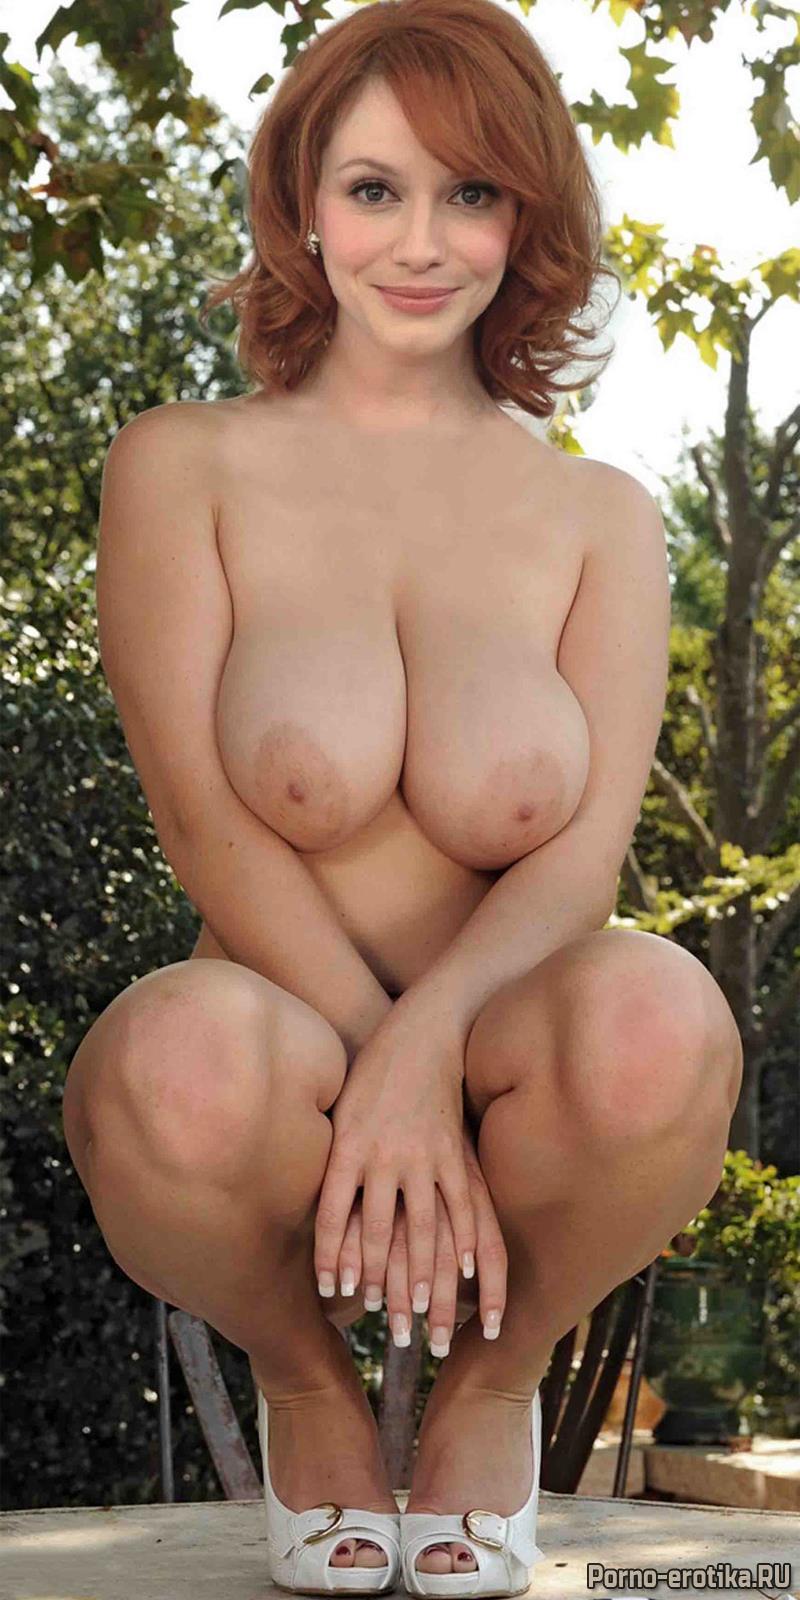 Две девушки очень красивые с очень красивыми попочками и сиськами порно видео